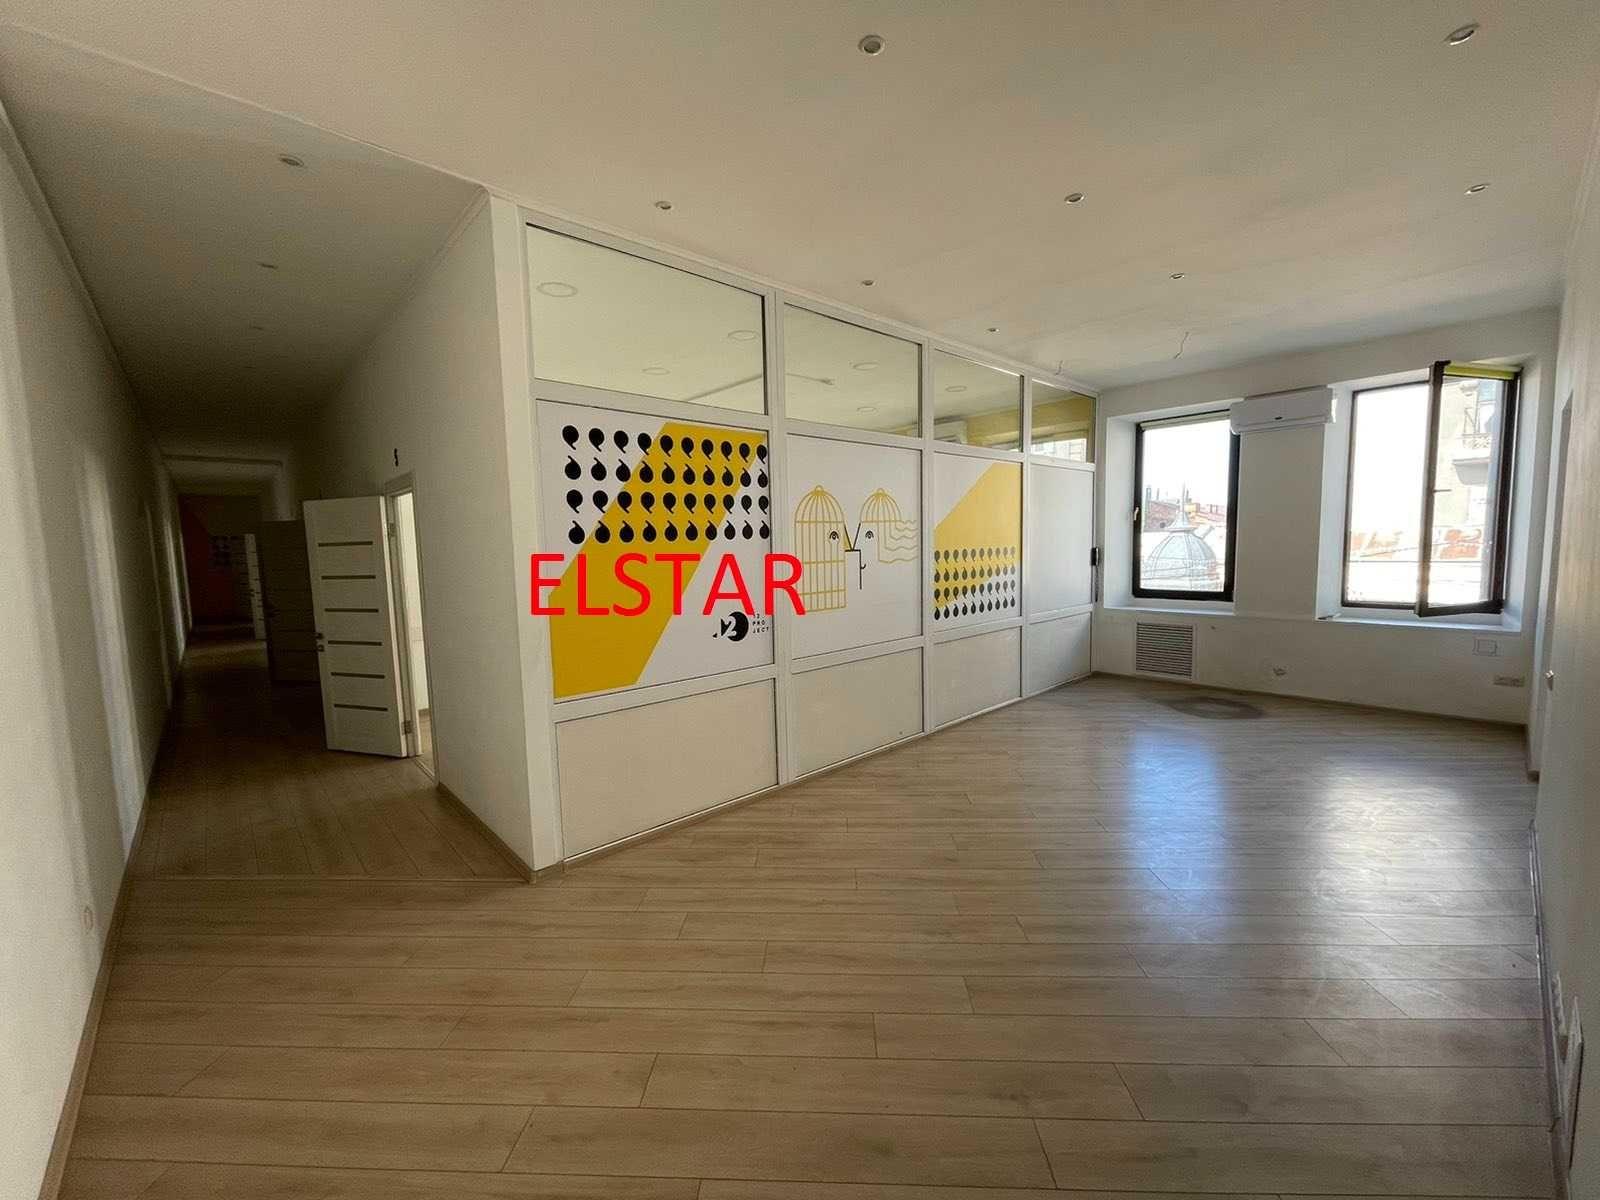 Продам шикарный офис/школу/мед.центр, 203м2 ул.Сумская 3/5эт. лифт S